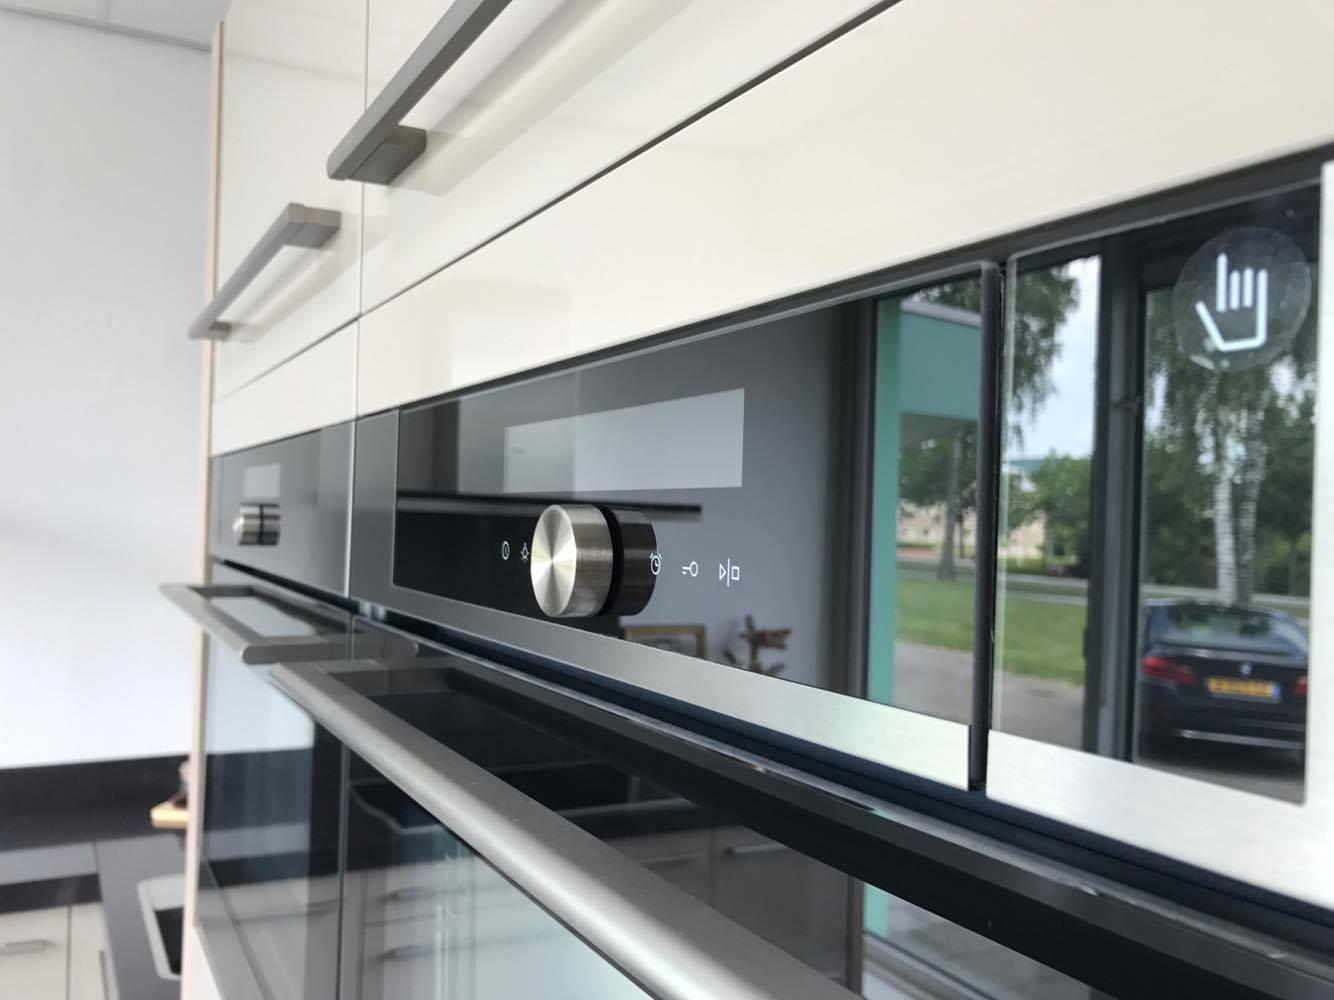 Keuken Design Emmeloord : Keuken emmeloord actie prachtige showroom keuken van u ac